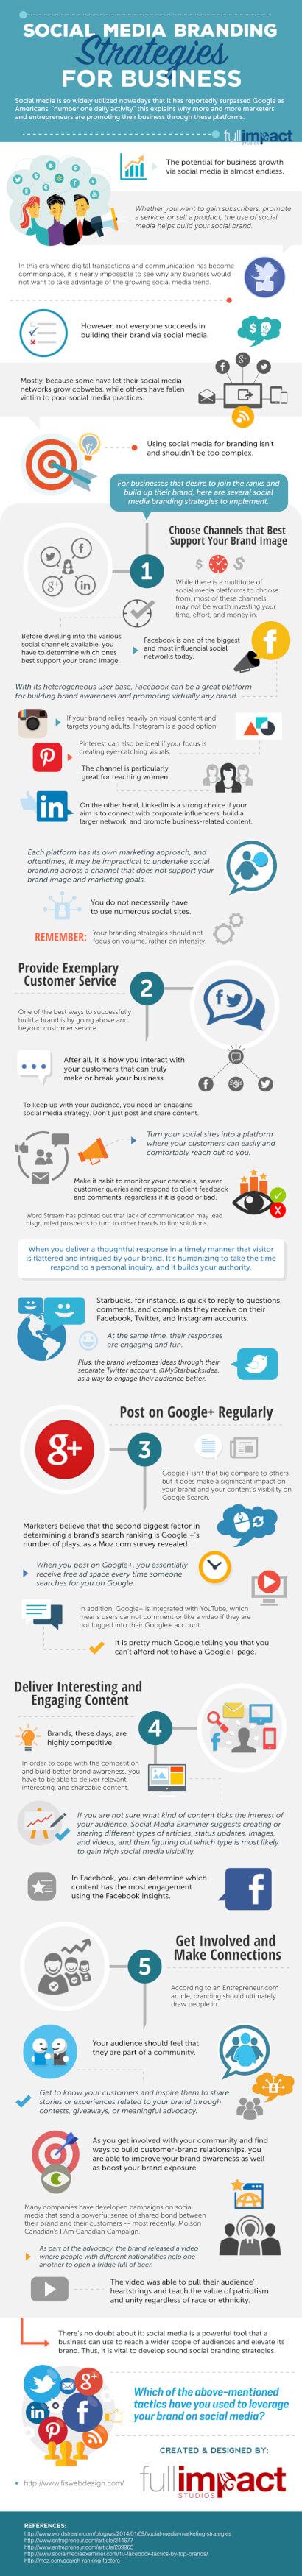 Social-Media-Branding-Strategies-for-Business